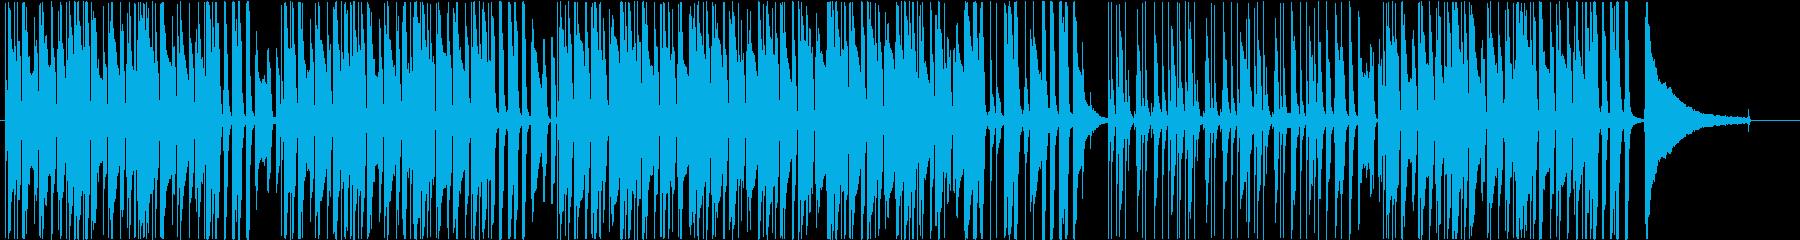 かわいくて楽しいほのぼのした日常曲の再生済みの波形